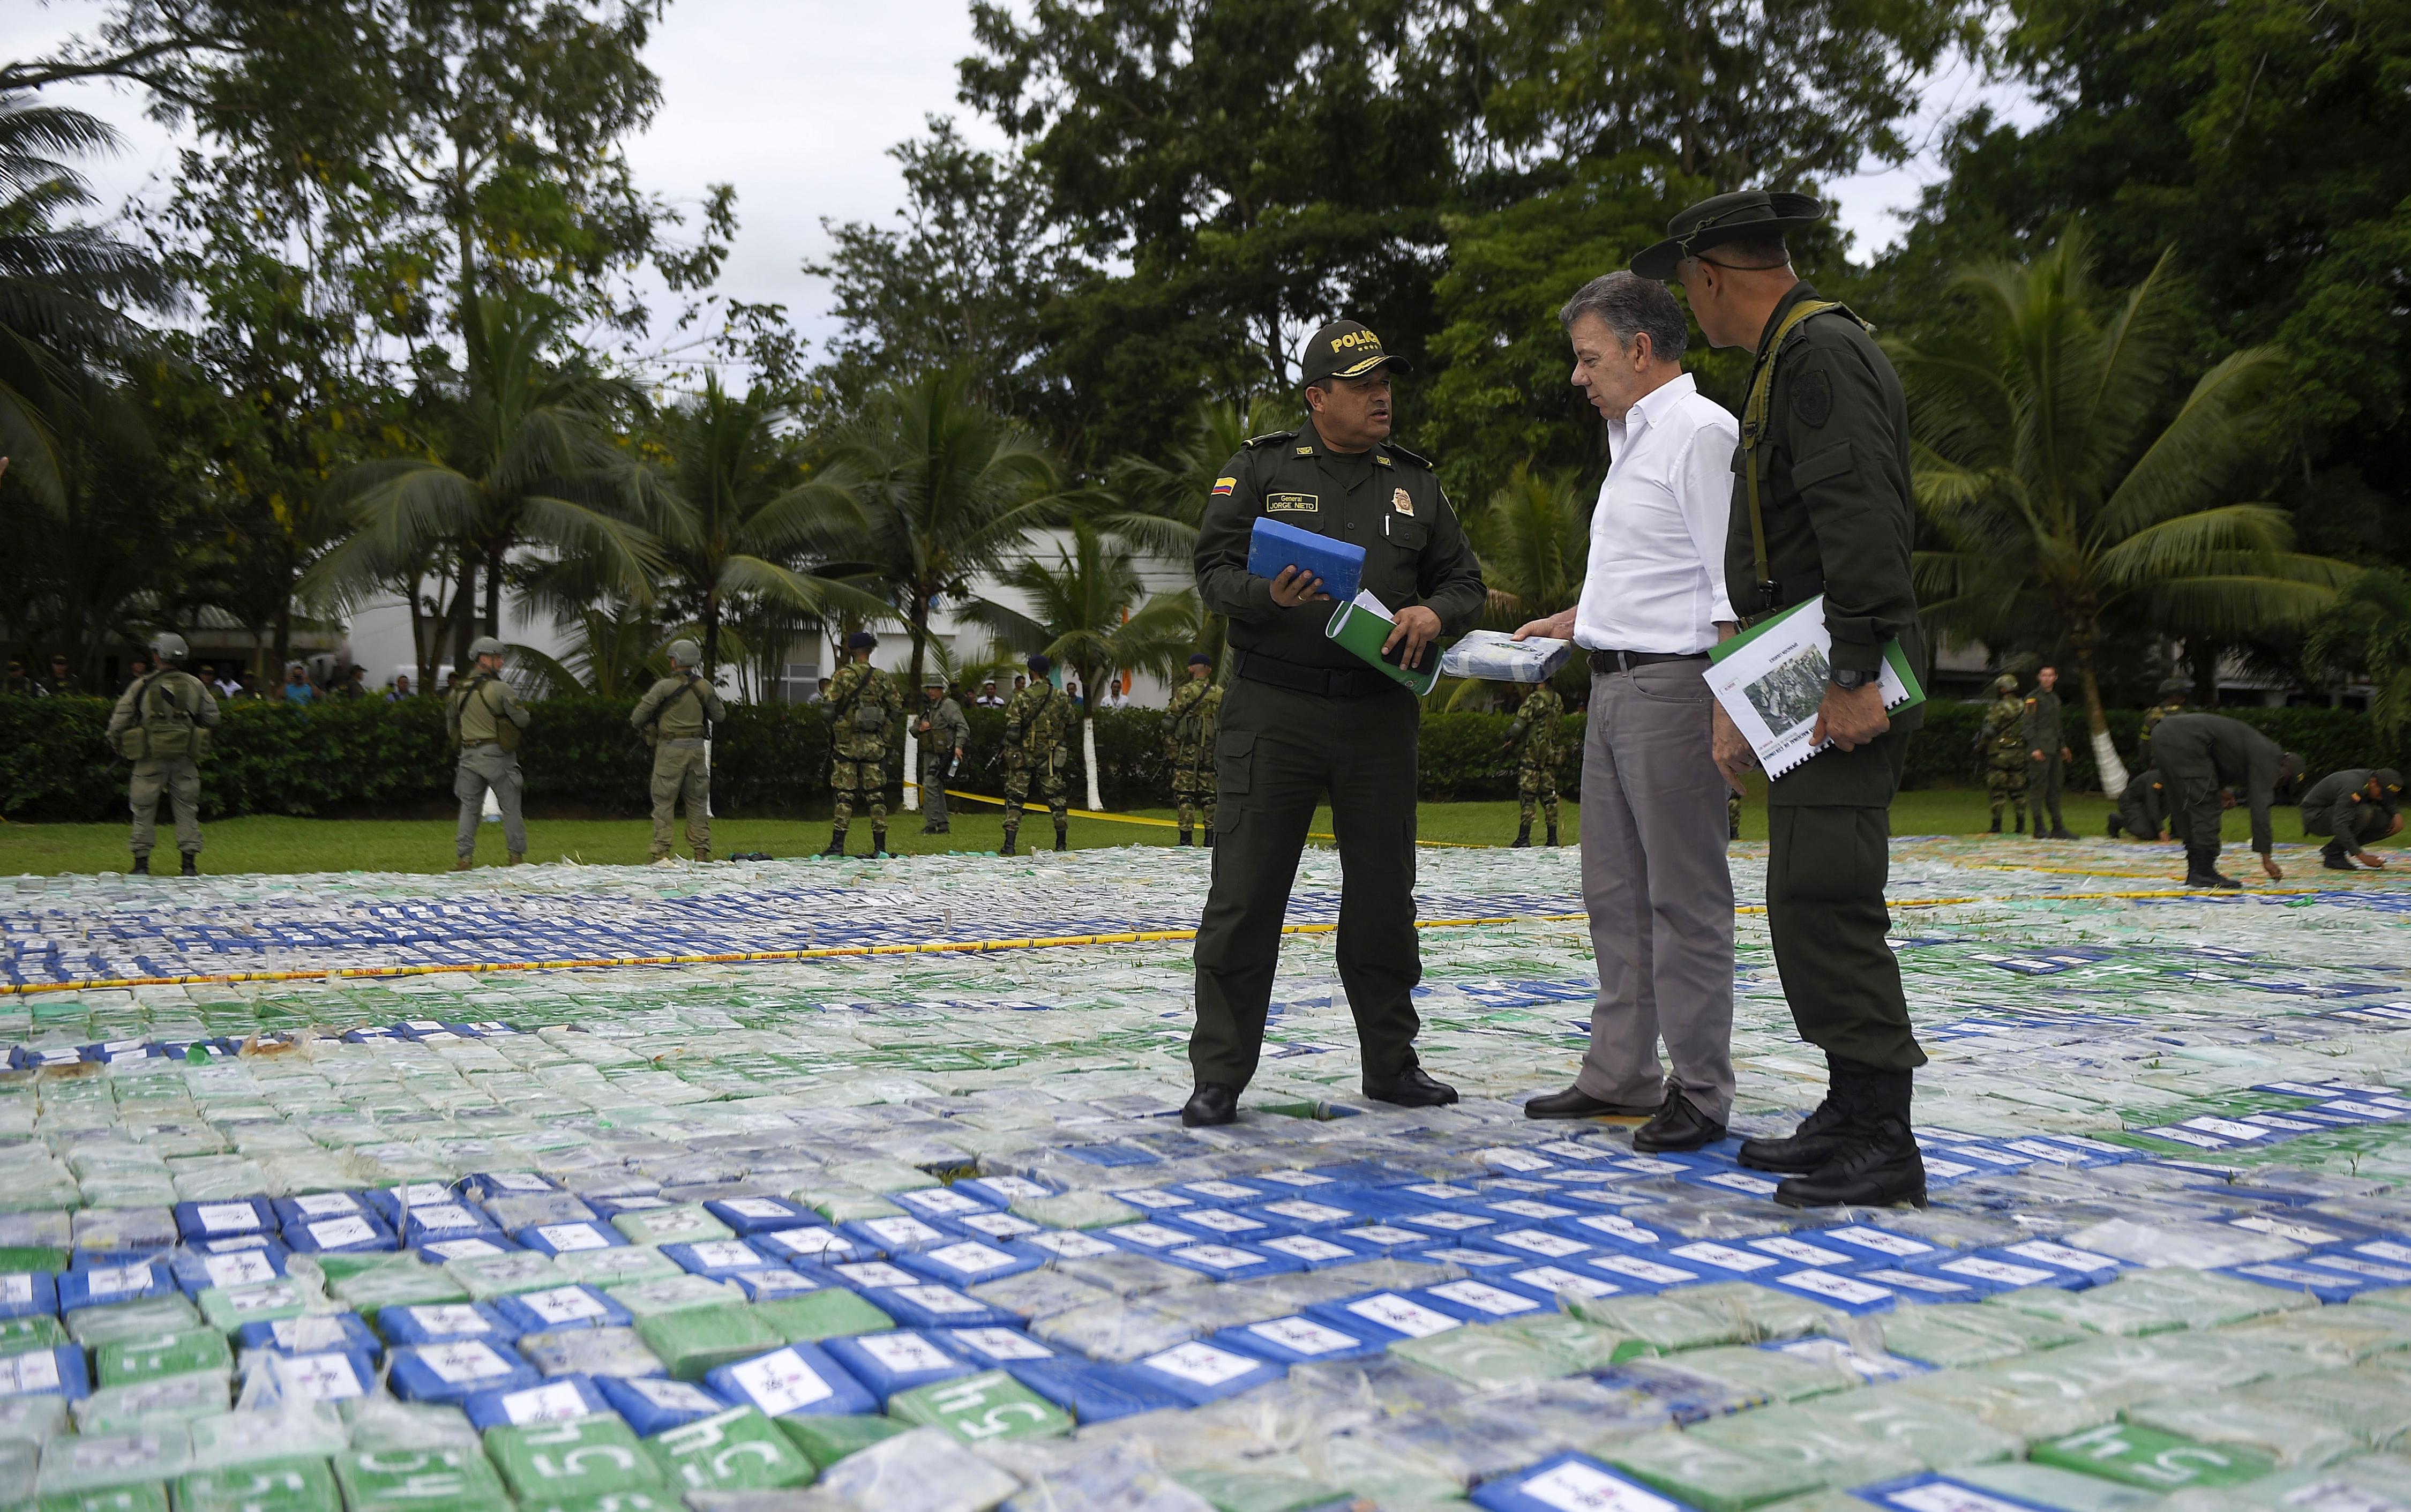 Des policiers colombiens découvrent douze tonnes de cocaïne, un record